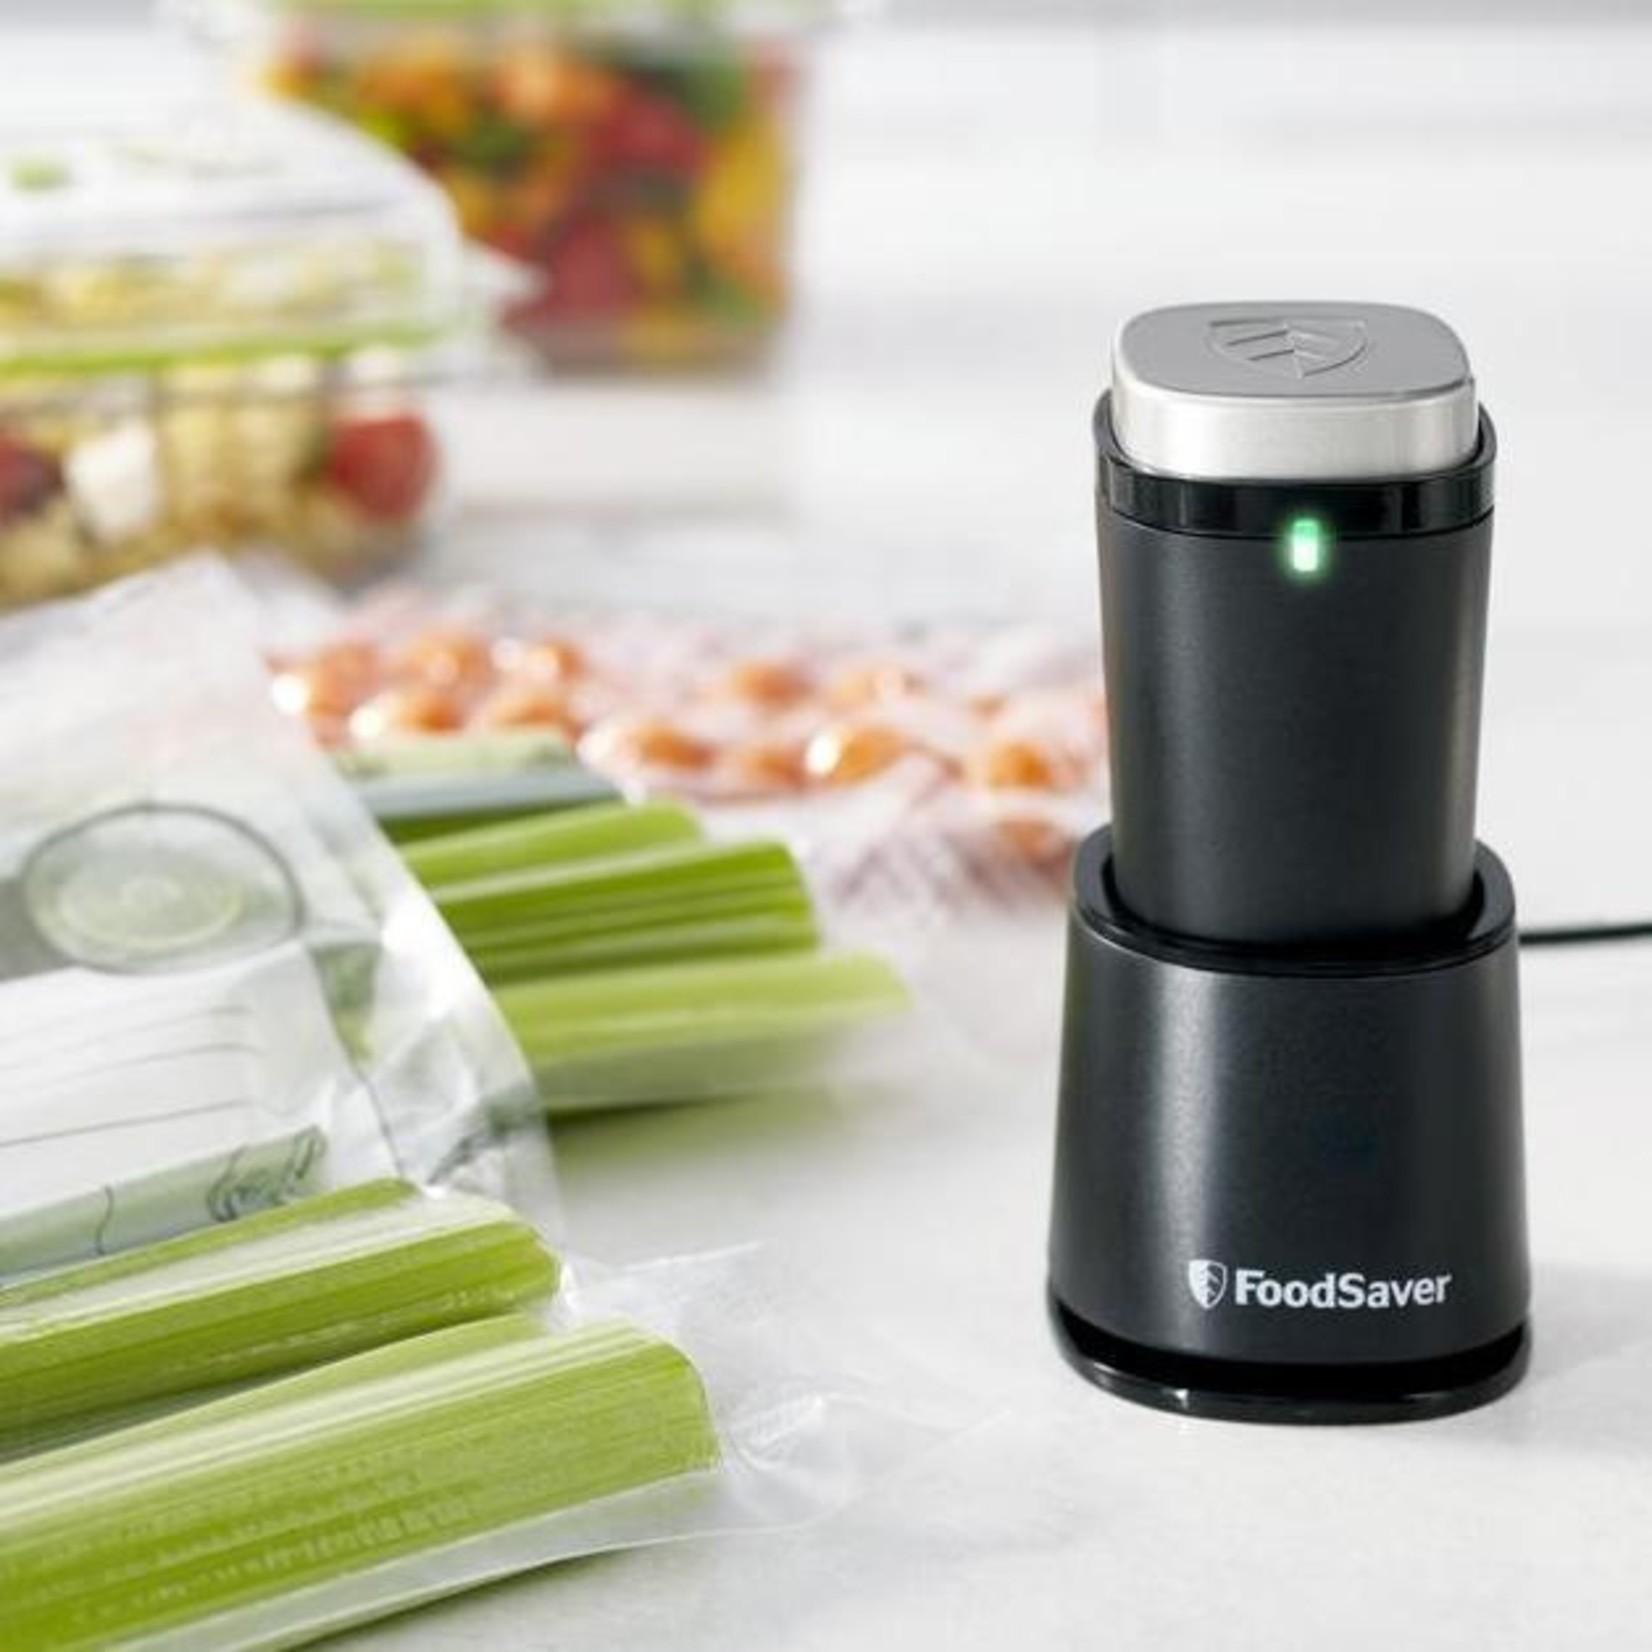 Foodsaver Foodsaver Vacumeermachine Handheld Vacuum Sealer